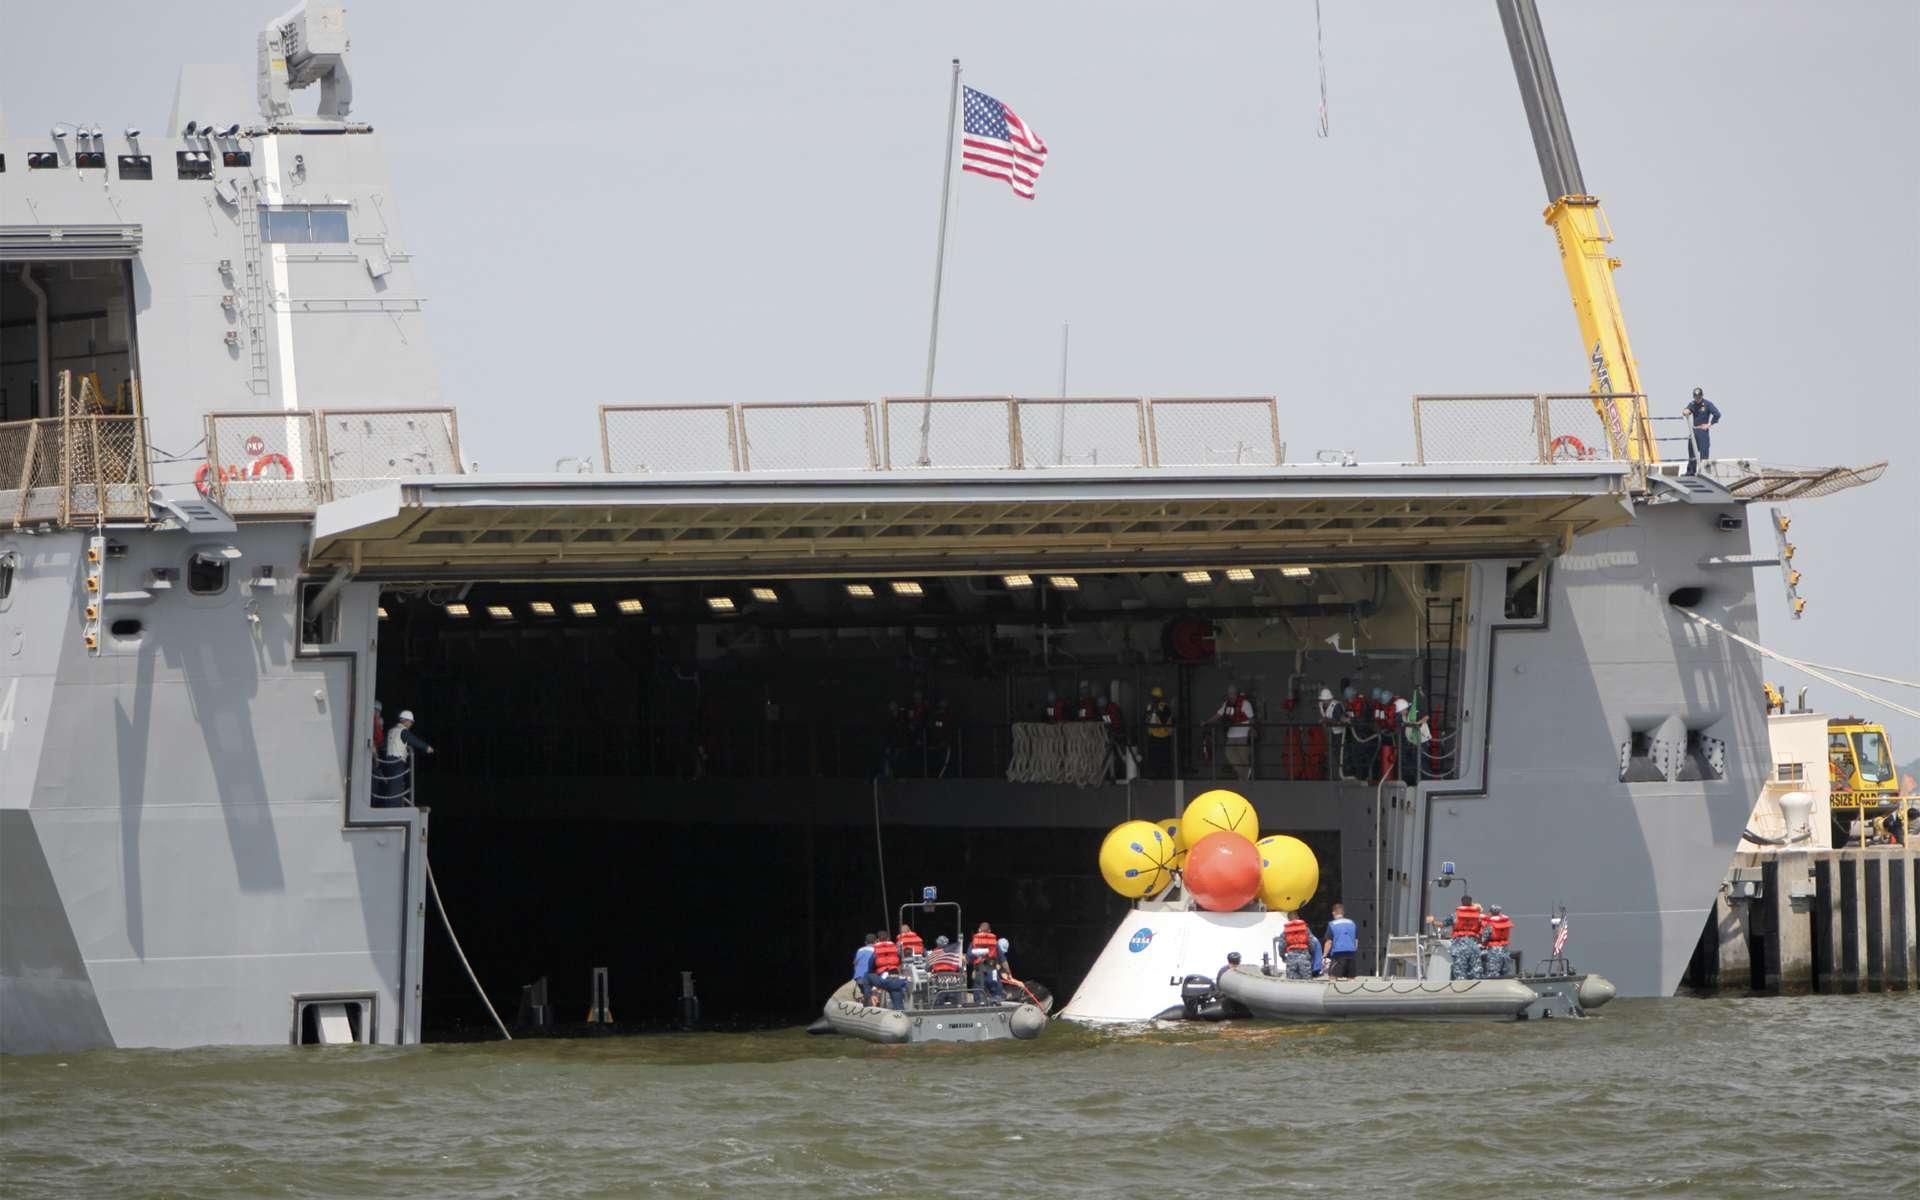 La Nasa utilise les installations de la base navale de Norfolk pour apprendre, avec les marins américains, à récupérer la capsule Orion. Lors de missions habitées, c'est l'US Navy qui sera chargée de la récupération de la capsule de retour d'orbite. © Nasa